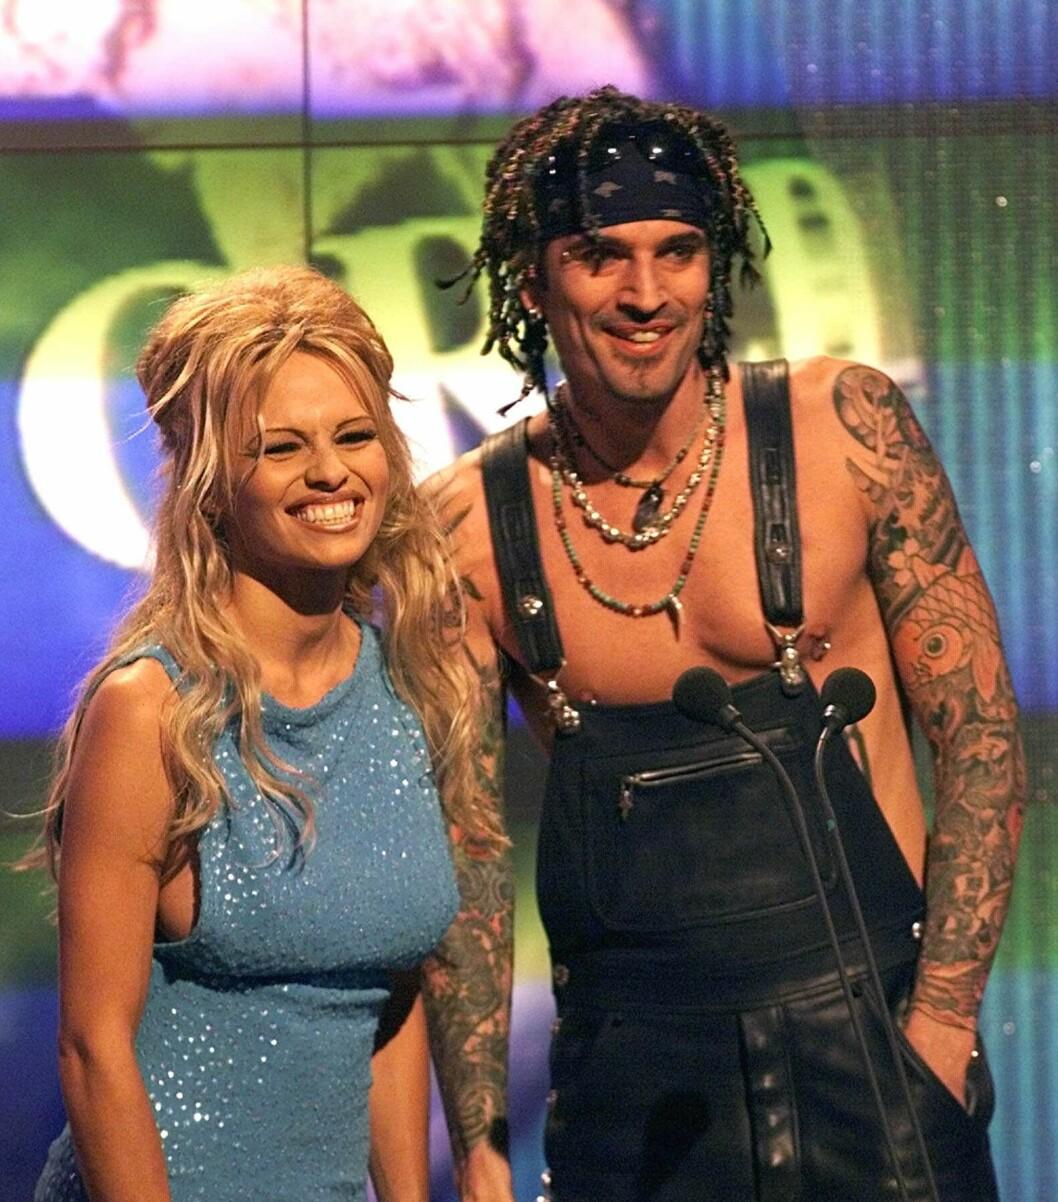 BERØMT EKS-PAR: Pamela Anderson og Tommy Lee har et godt vennskap i dag. Her de sammen under en prisutdeling i 1999.  Foto: NTB Scanpix